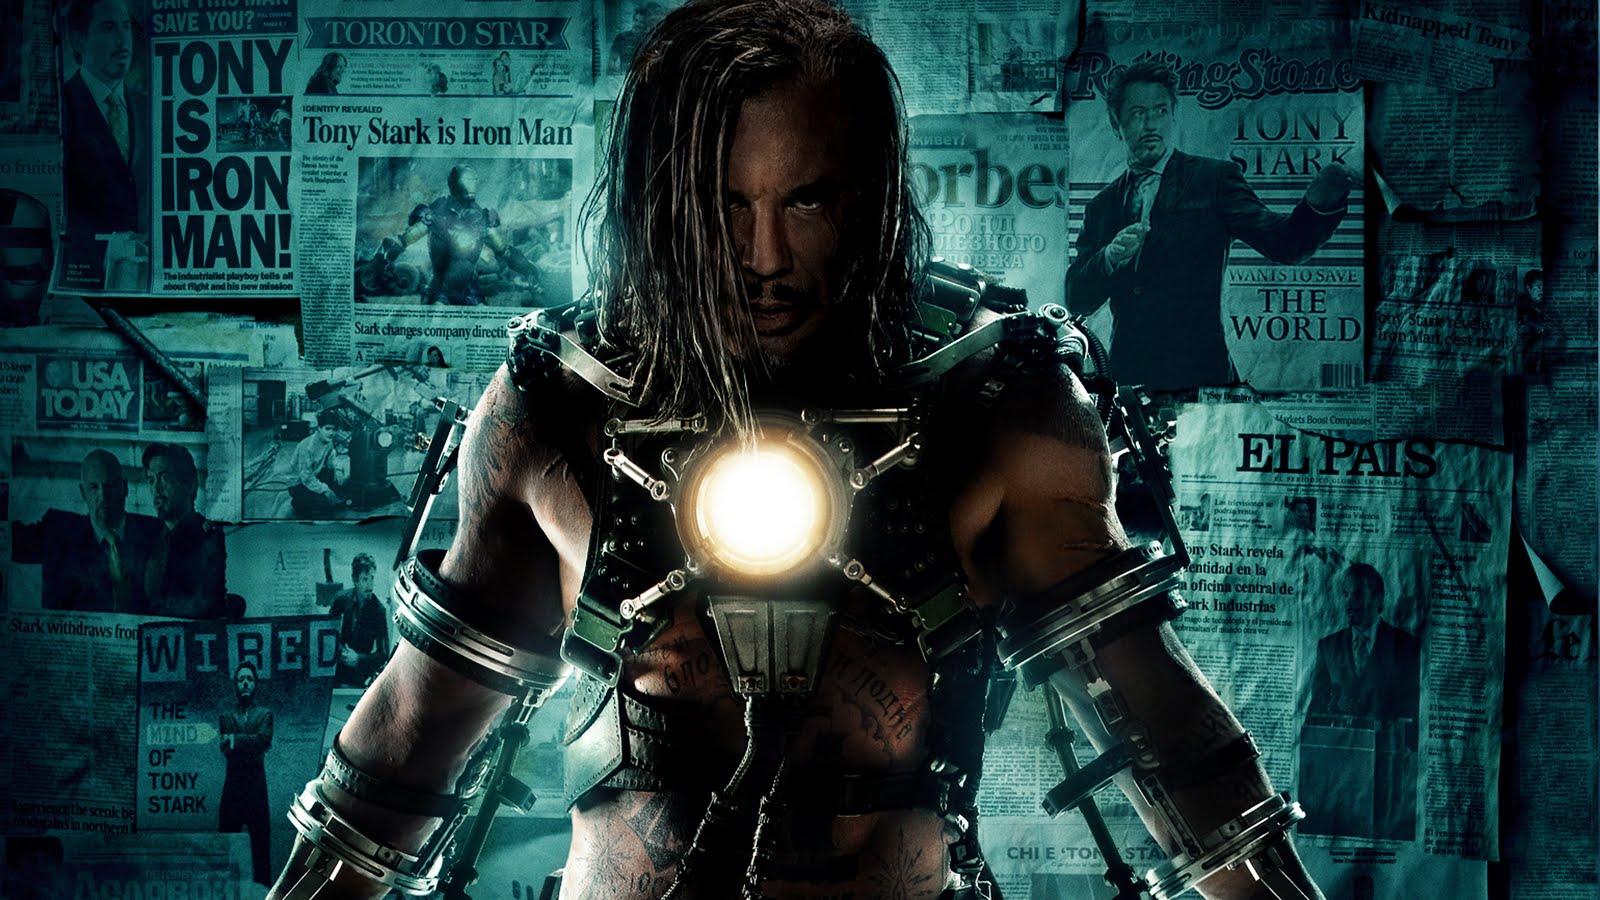 http://4.bp.blogspot.com/_sO_FX2iu0XU/S9vWrBOS4RI/AAAAAAAAG0w/rJ-fQJ_-XHE/s1600/Iron-Man-2-Mickey-Rourke-wallpaper.jpg